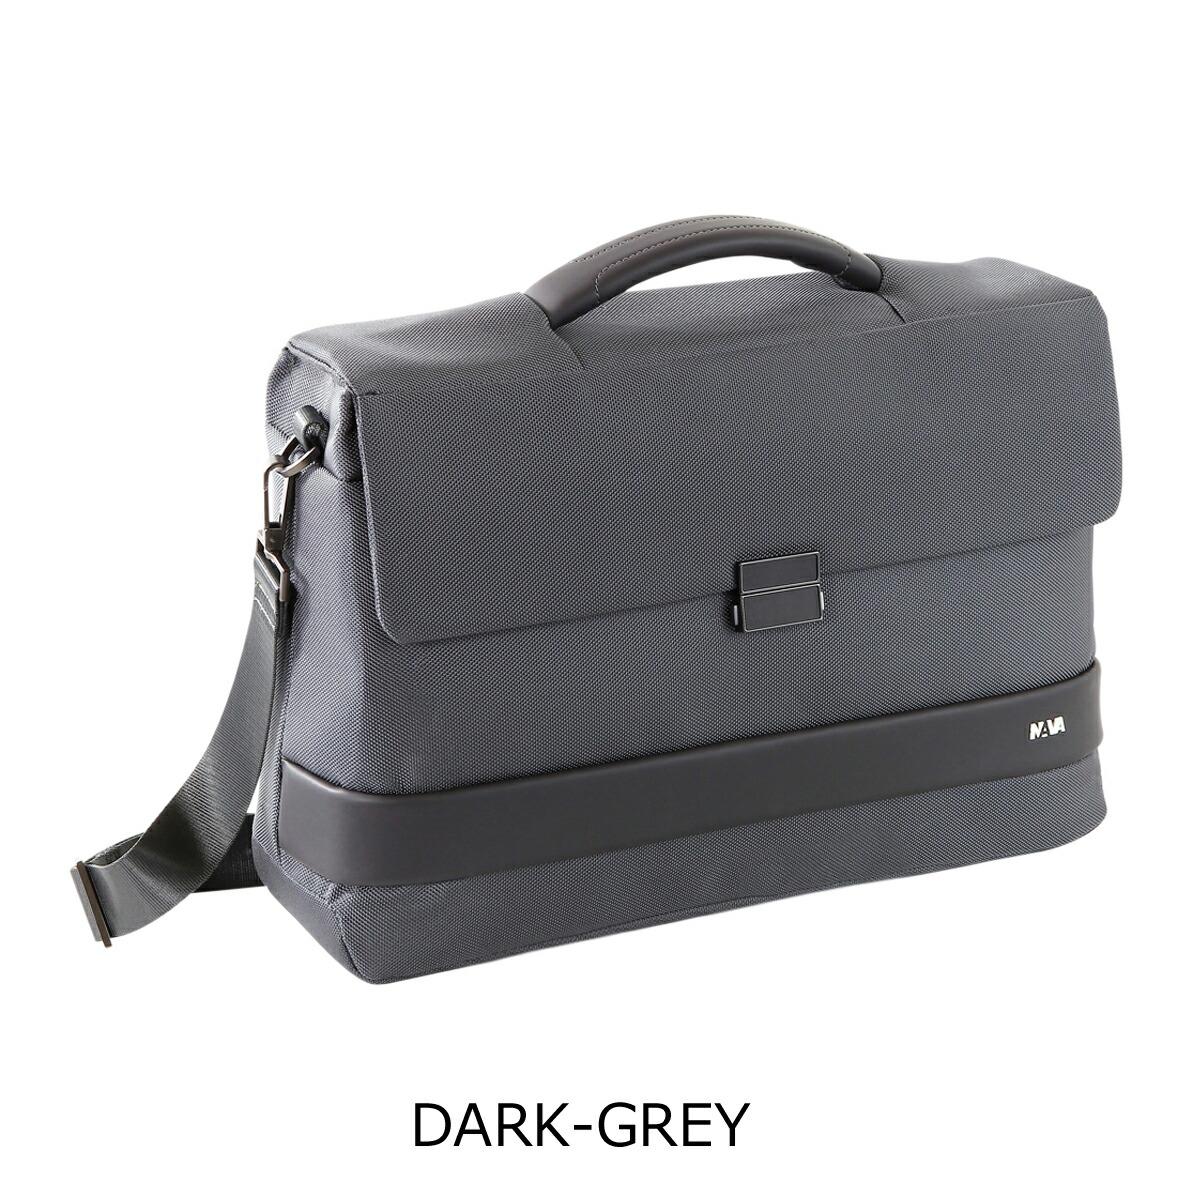 DARK-GREY